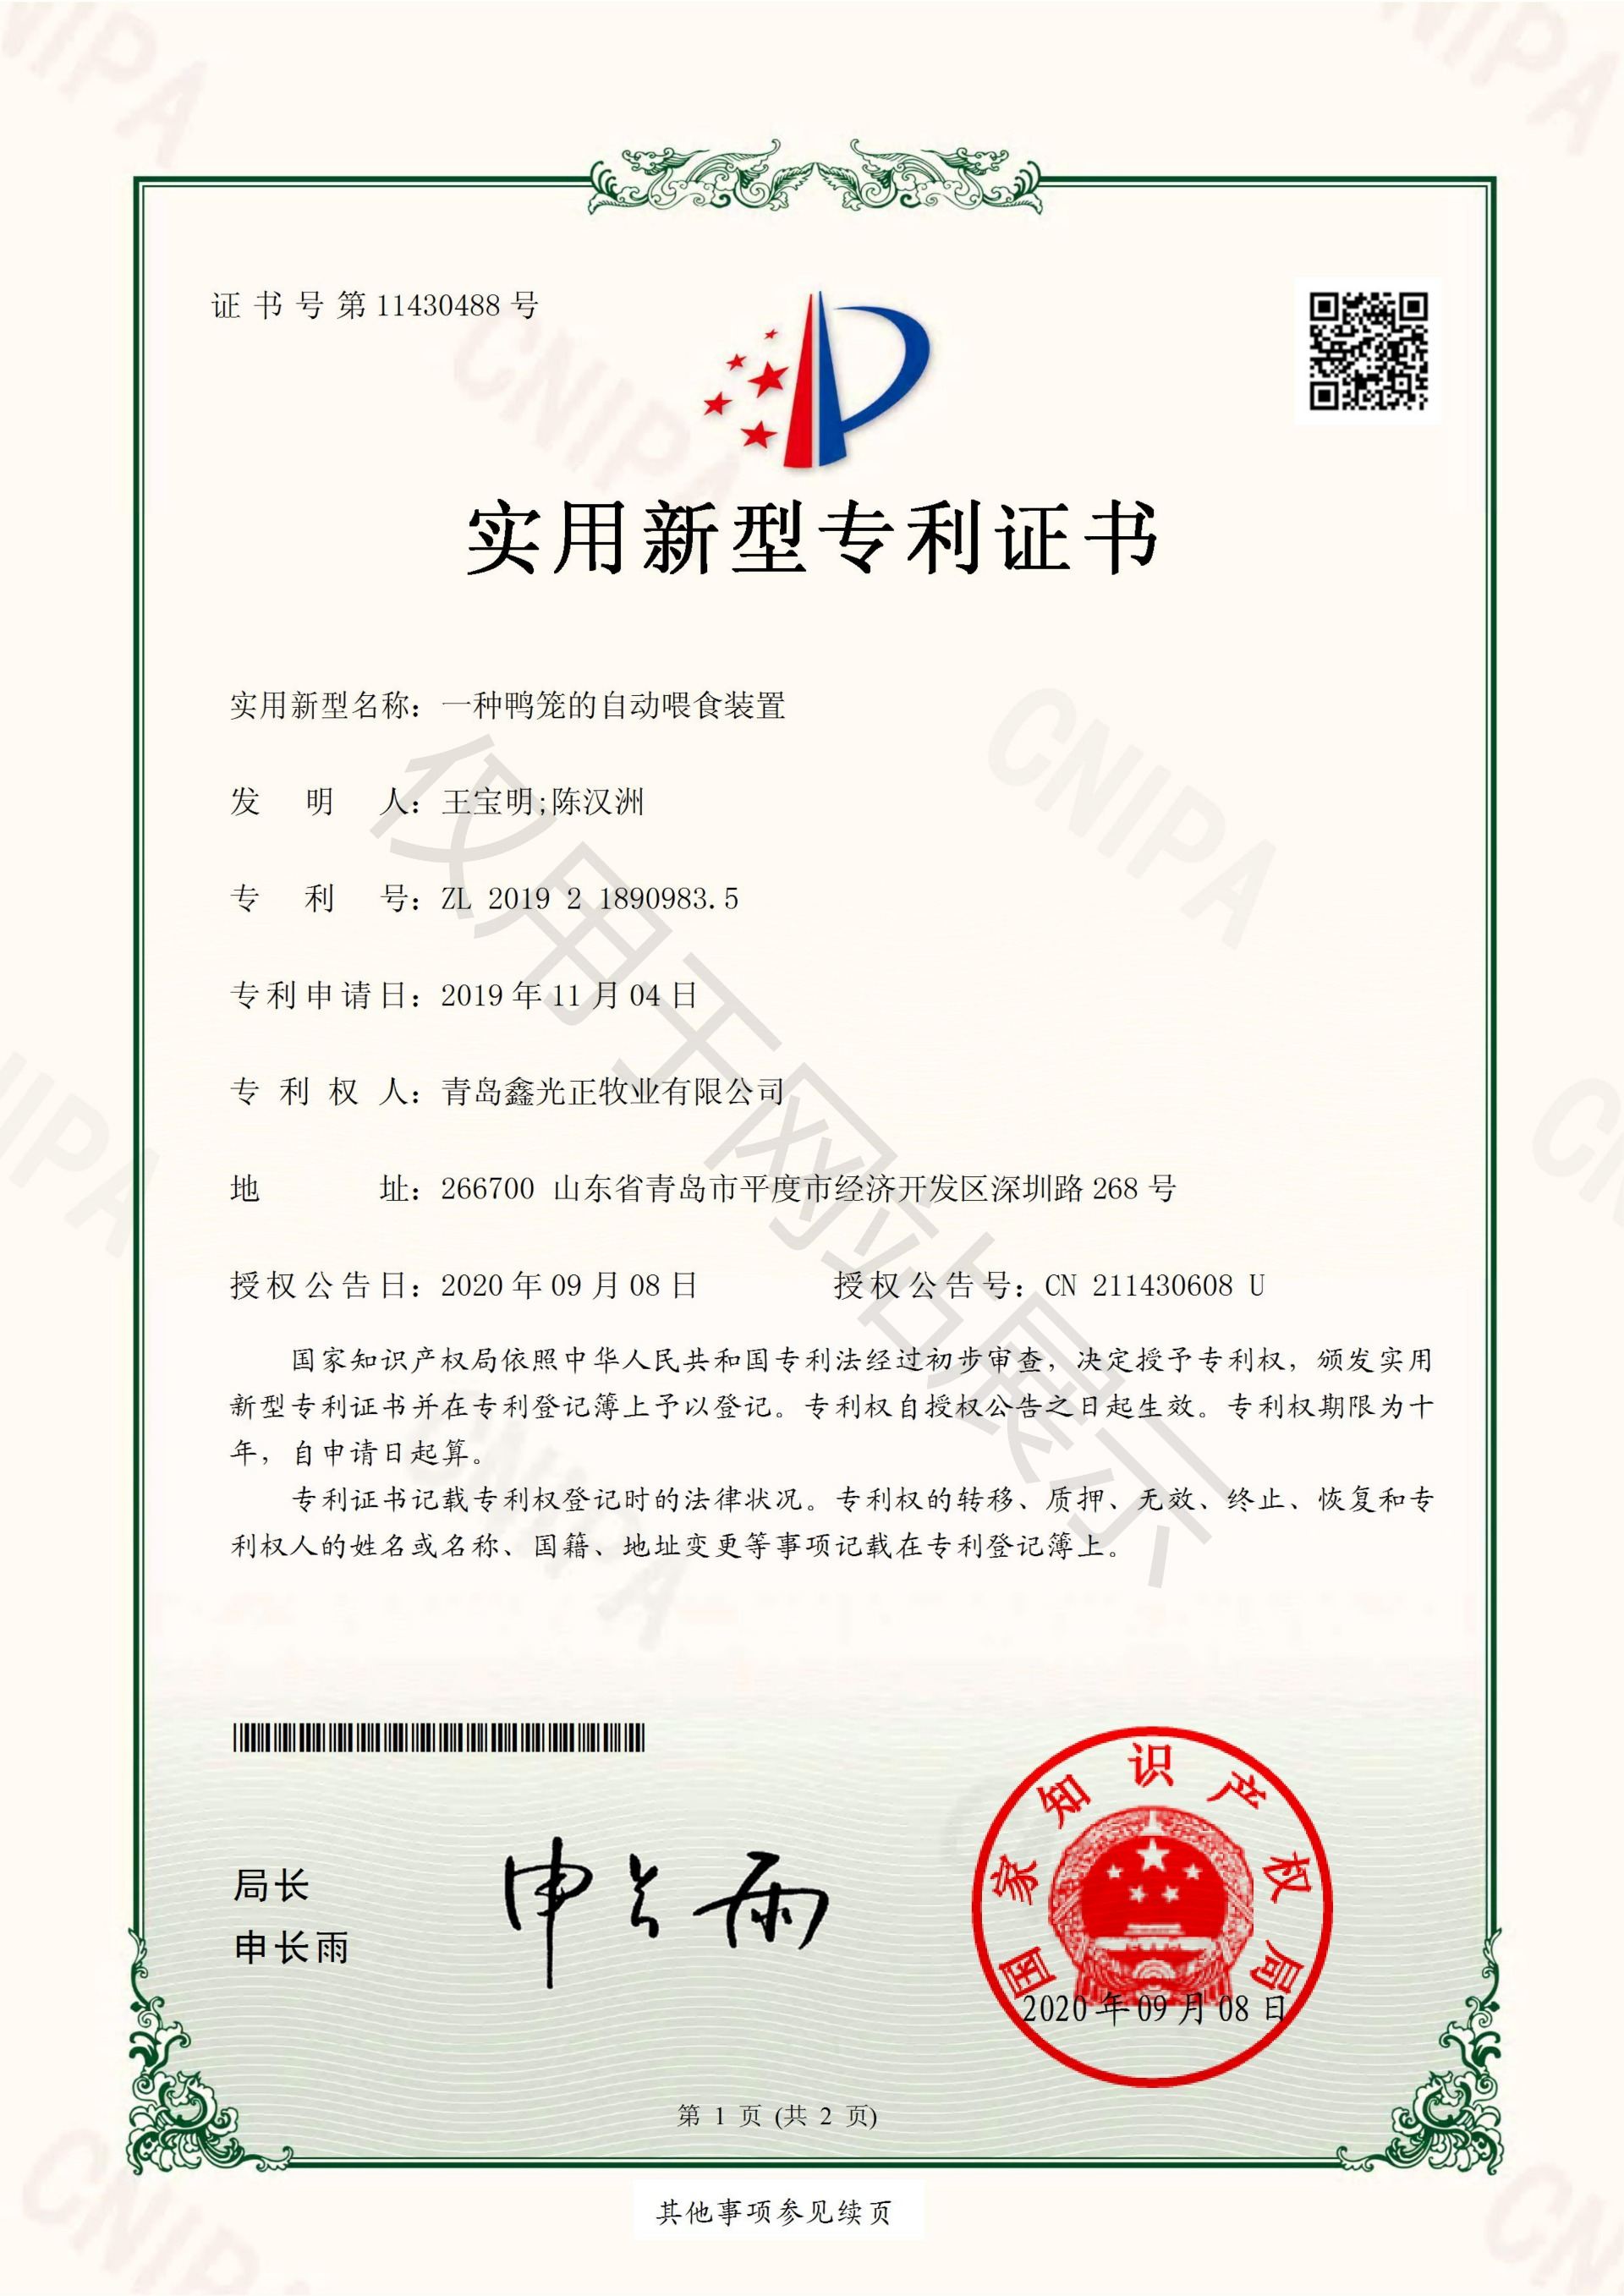 GZD2201911041368-一种鸭笼的自动喂食装置-实用新型专利证书(签章)_00